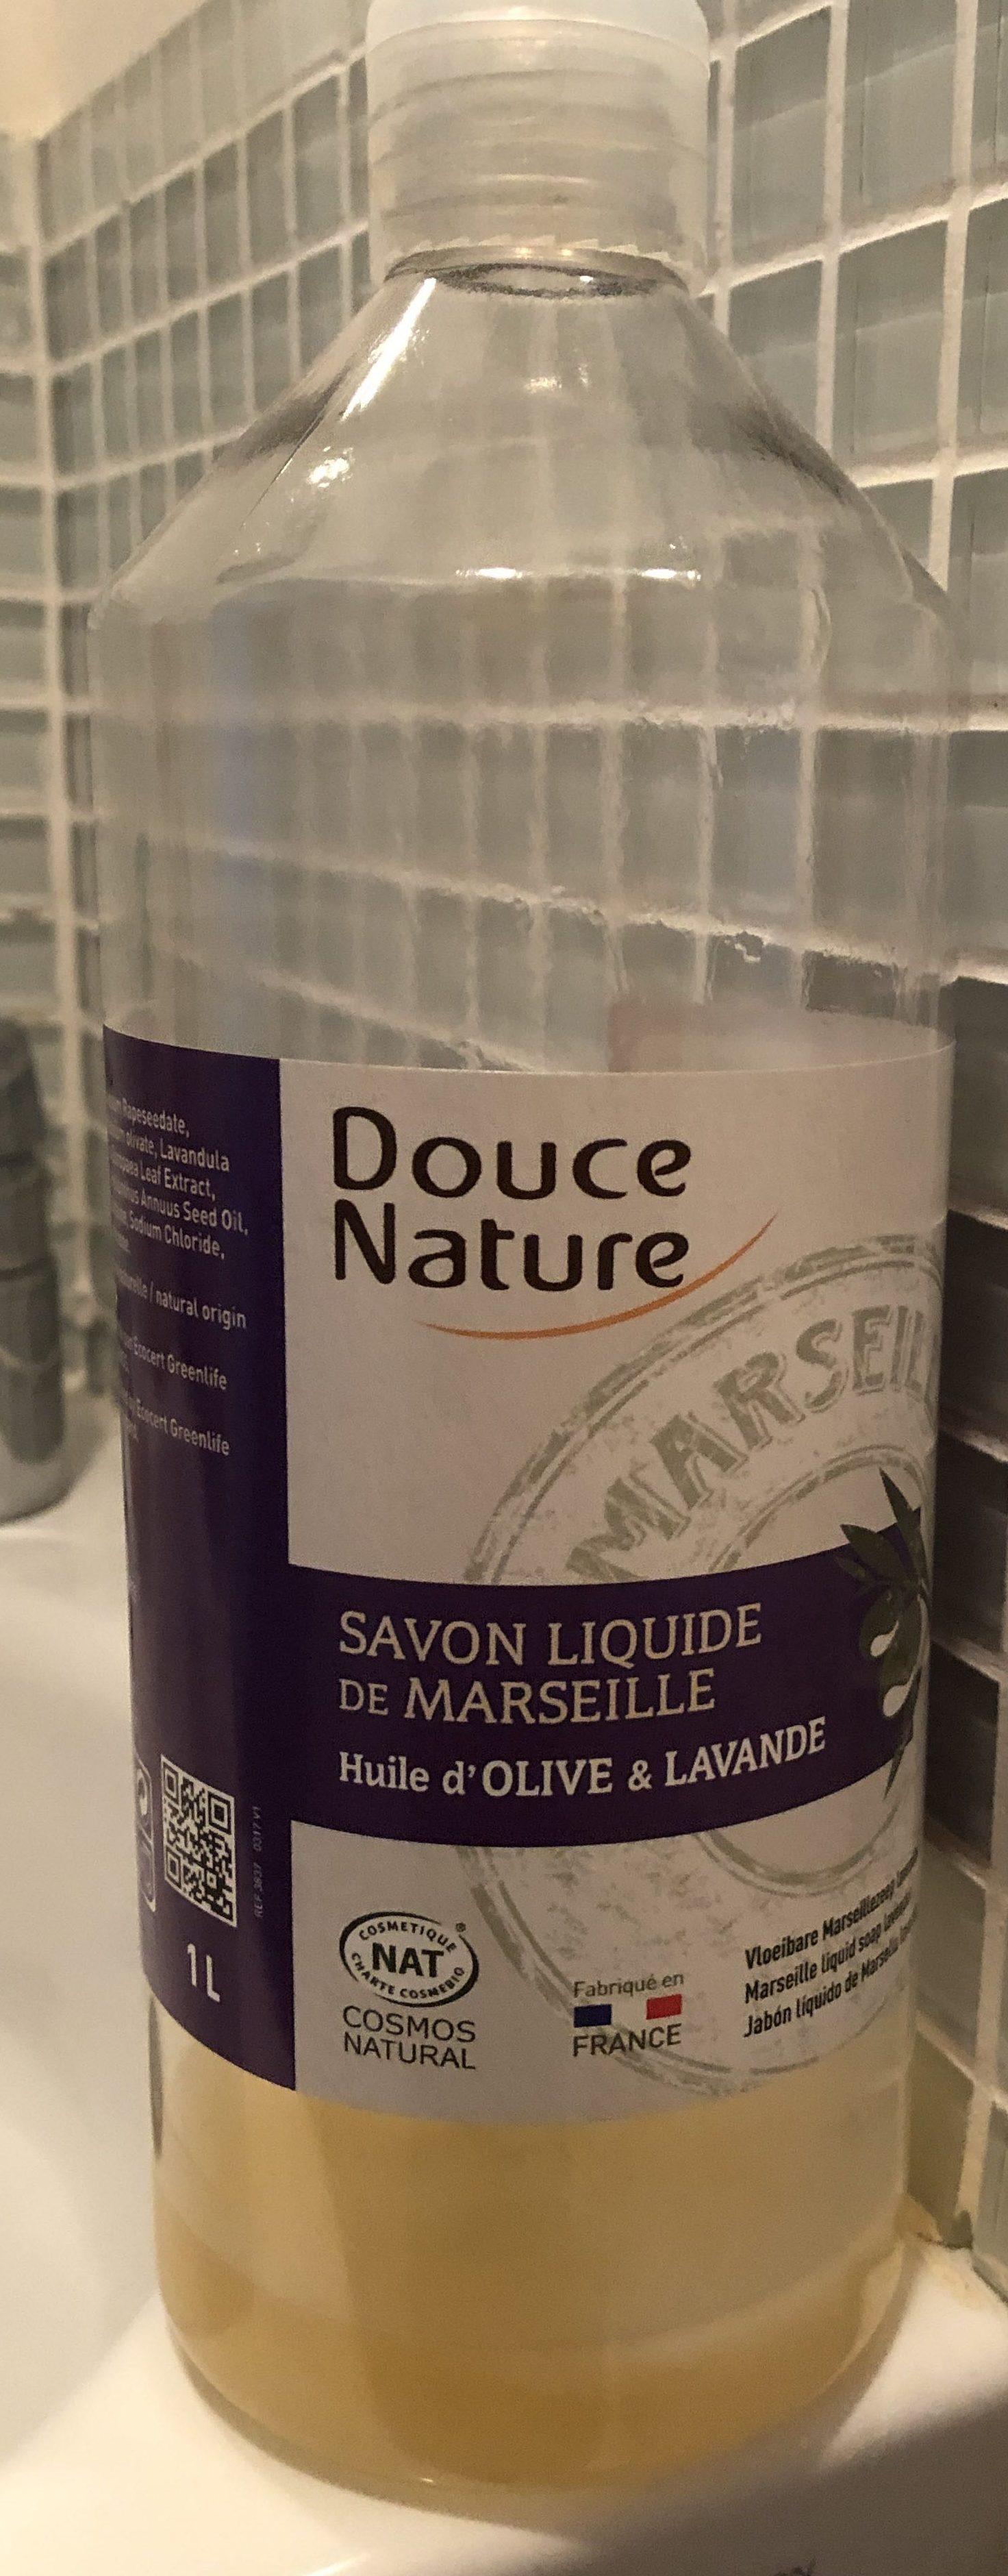 Savon liquide de  Marseille - Produit - fr